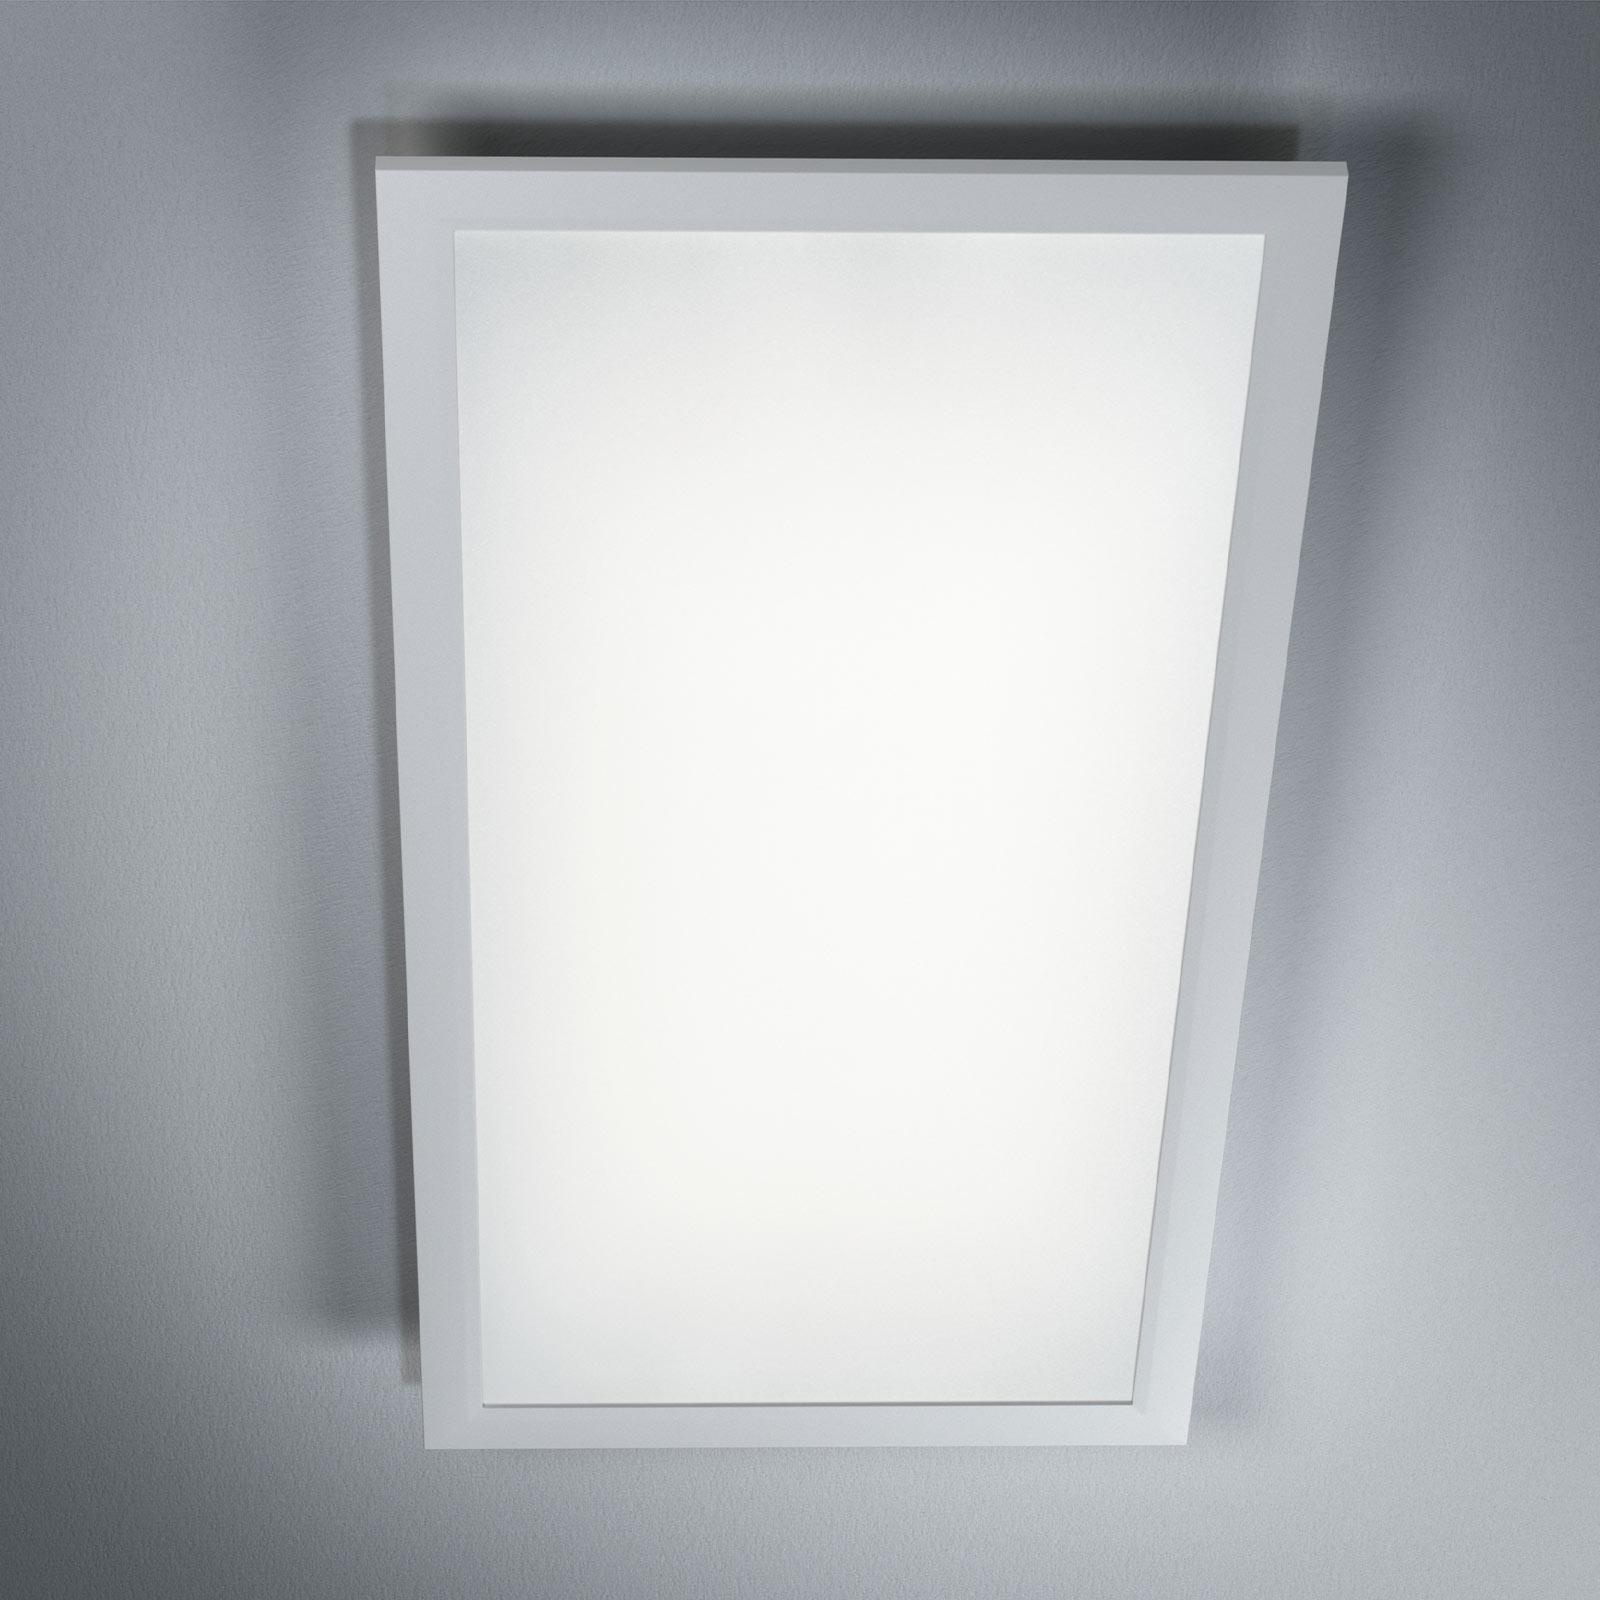 LEDVANCE Planon Plus panneau LED 60x30cm 840 15W